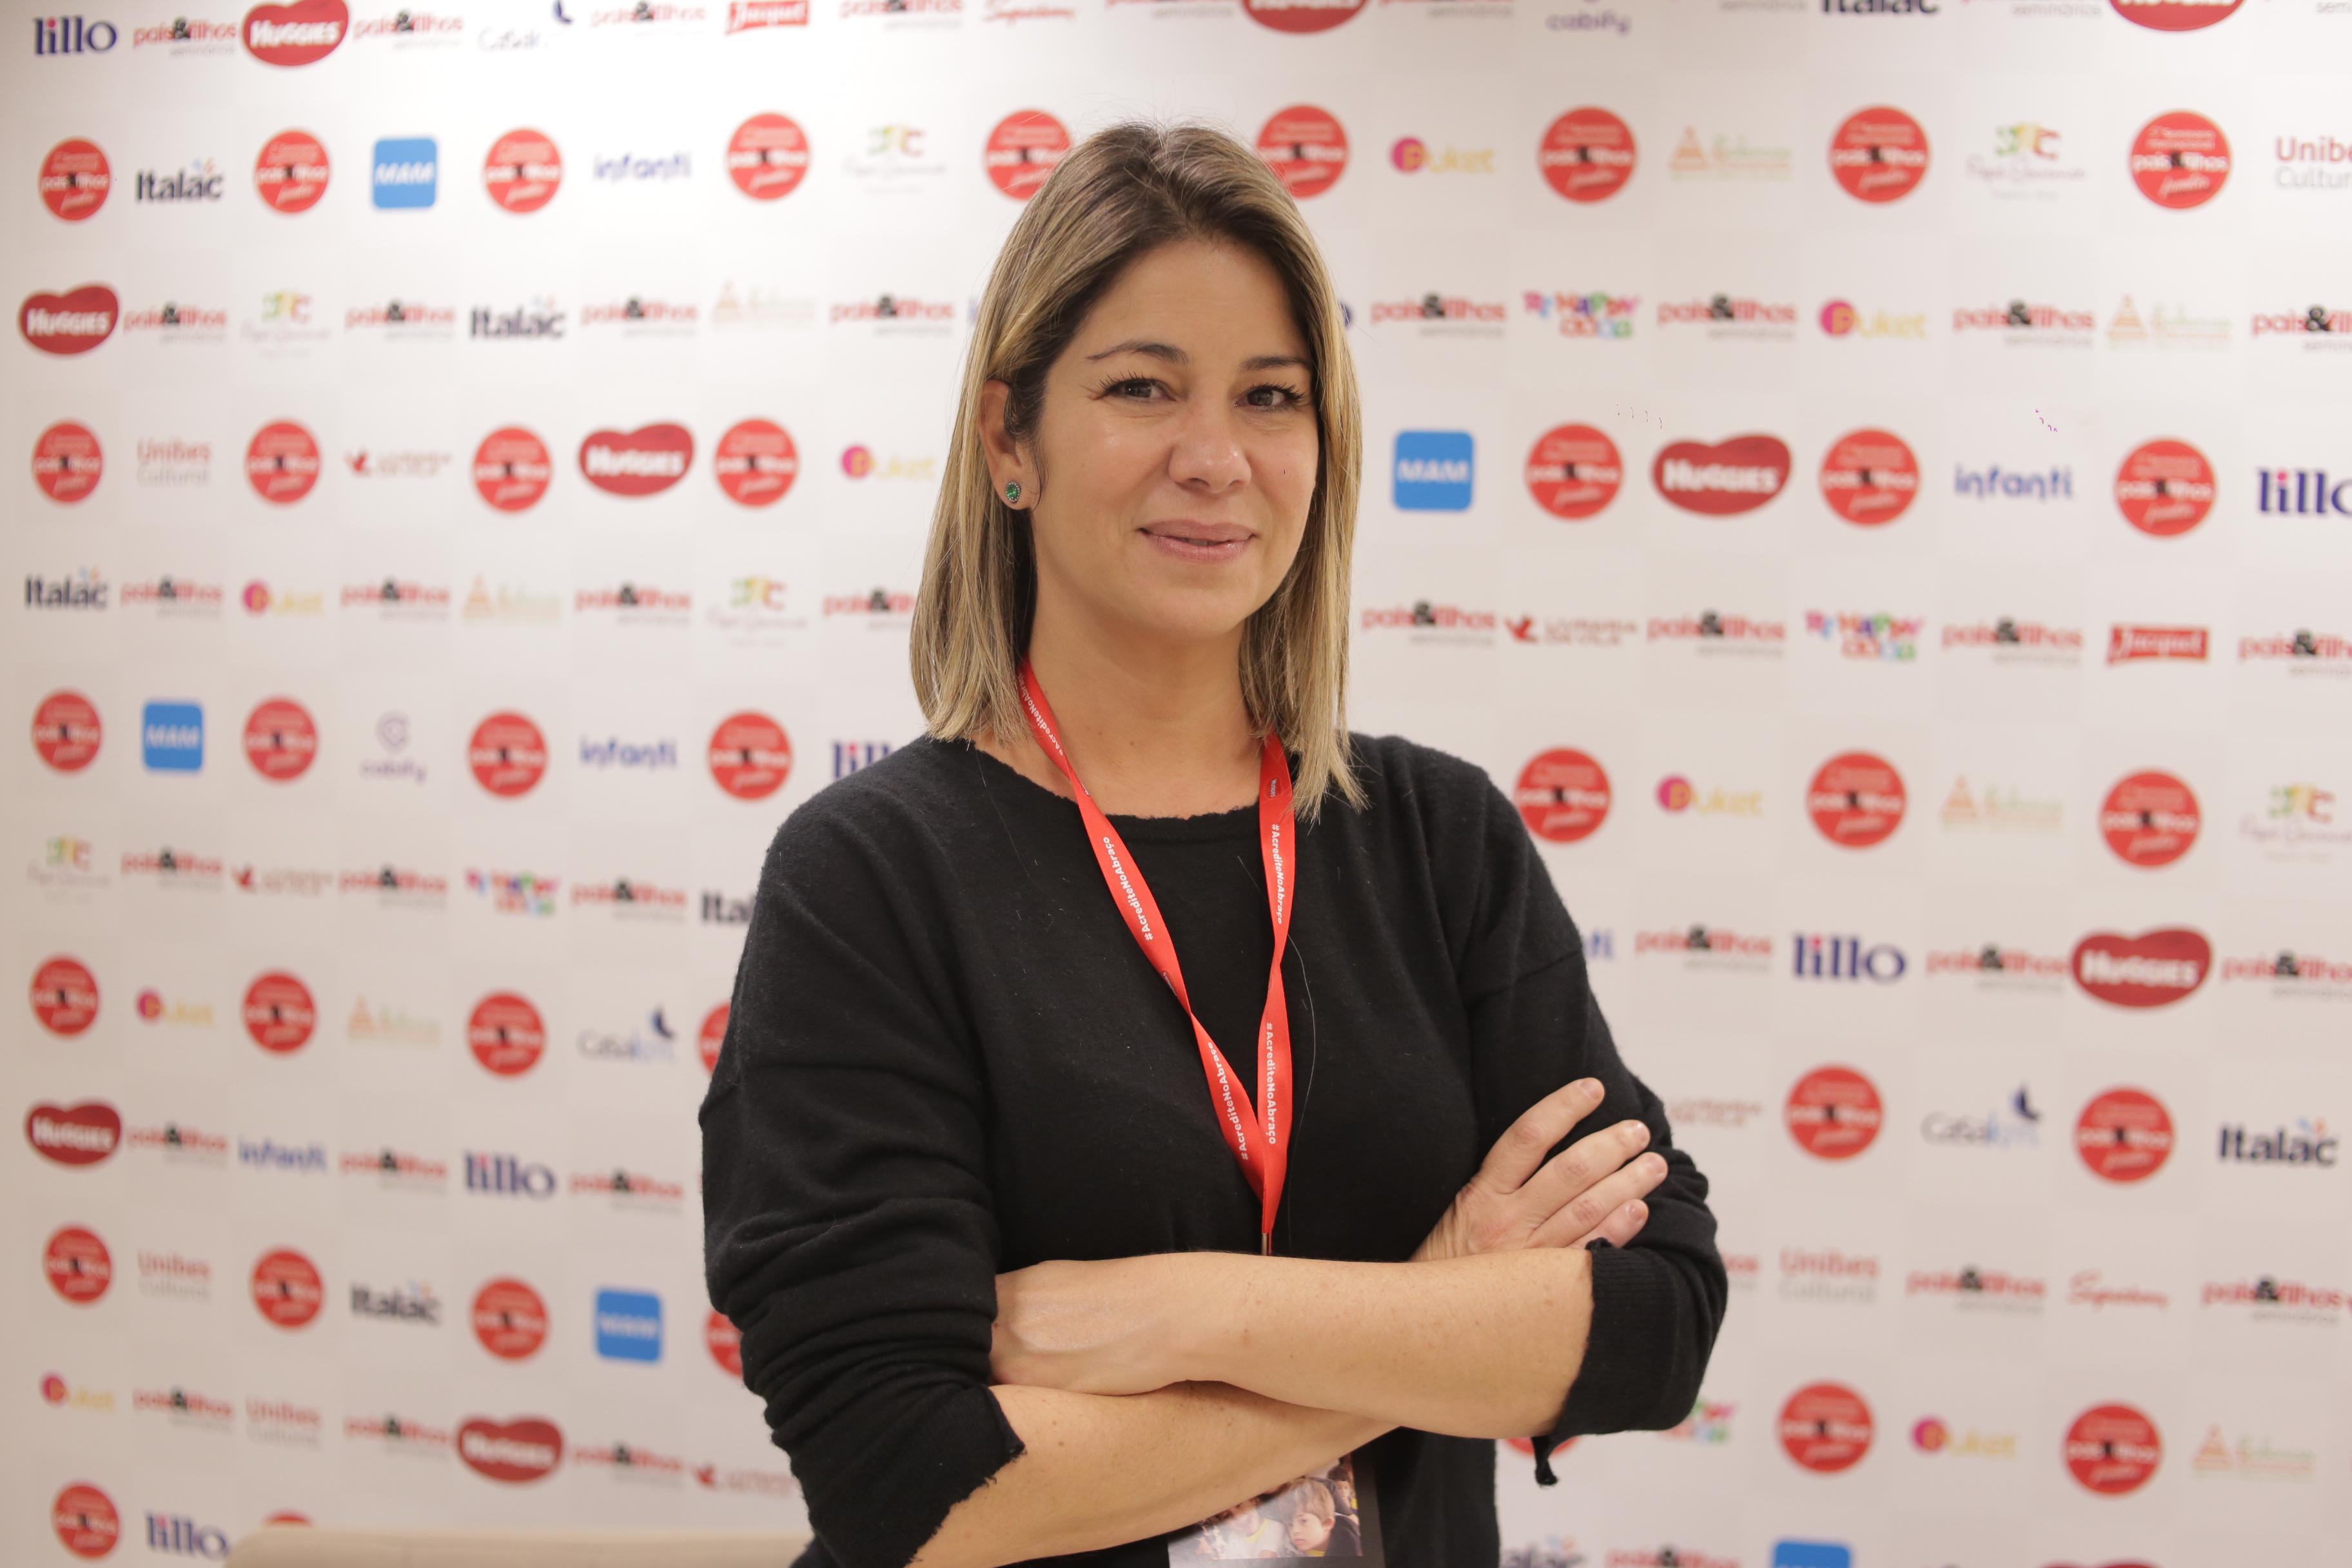 Ana Castelo Branco conversou com o Blog da Infanti